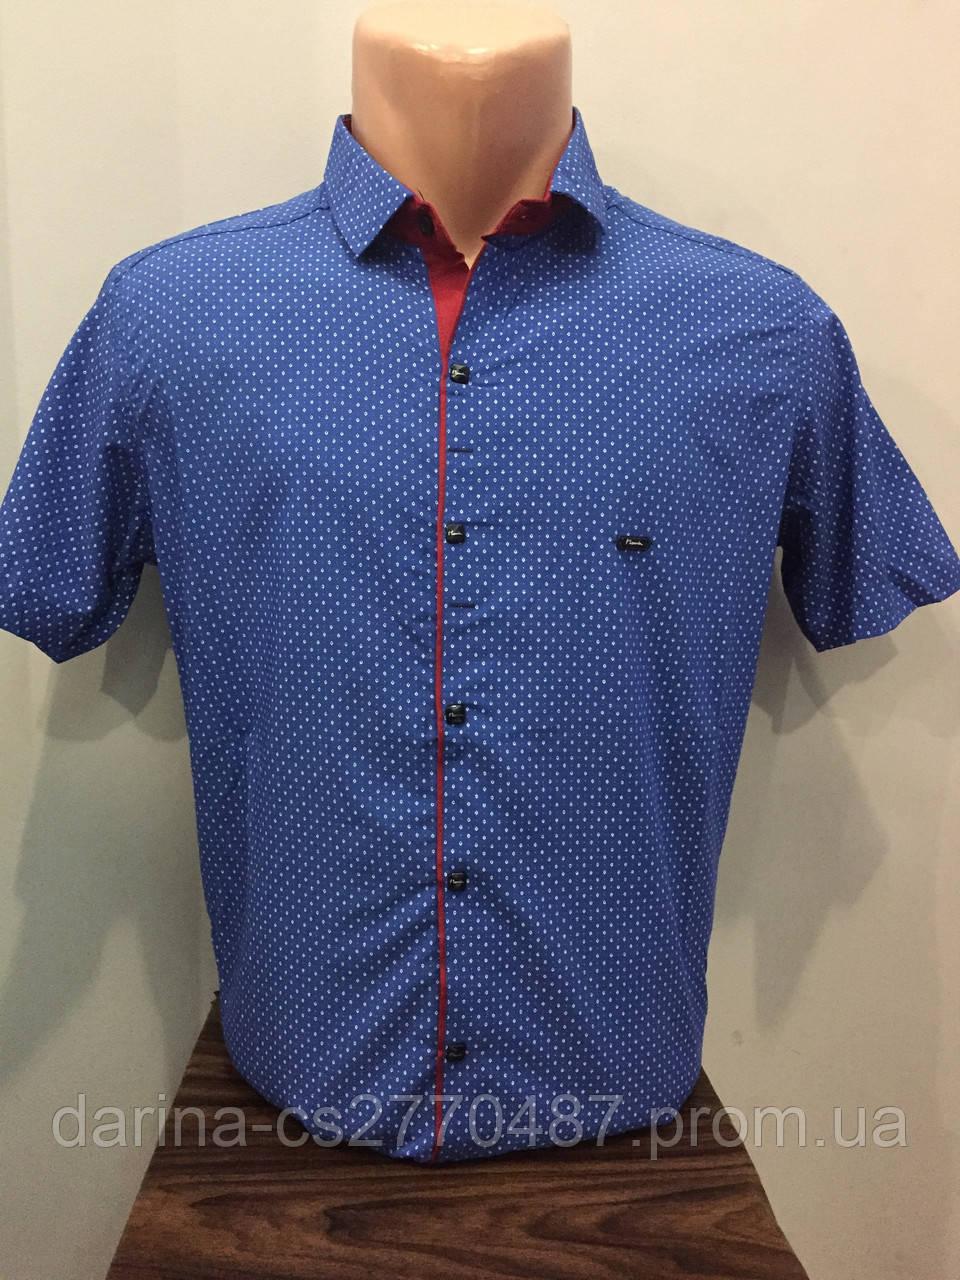 Летняя мужская рубашка в мелкий рисунок M